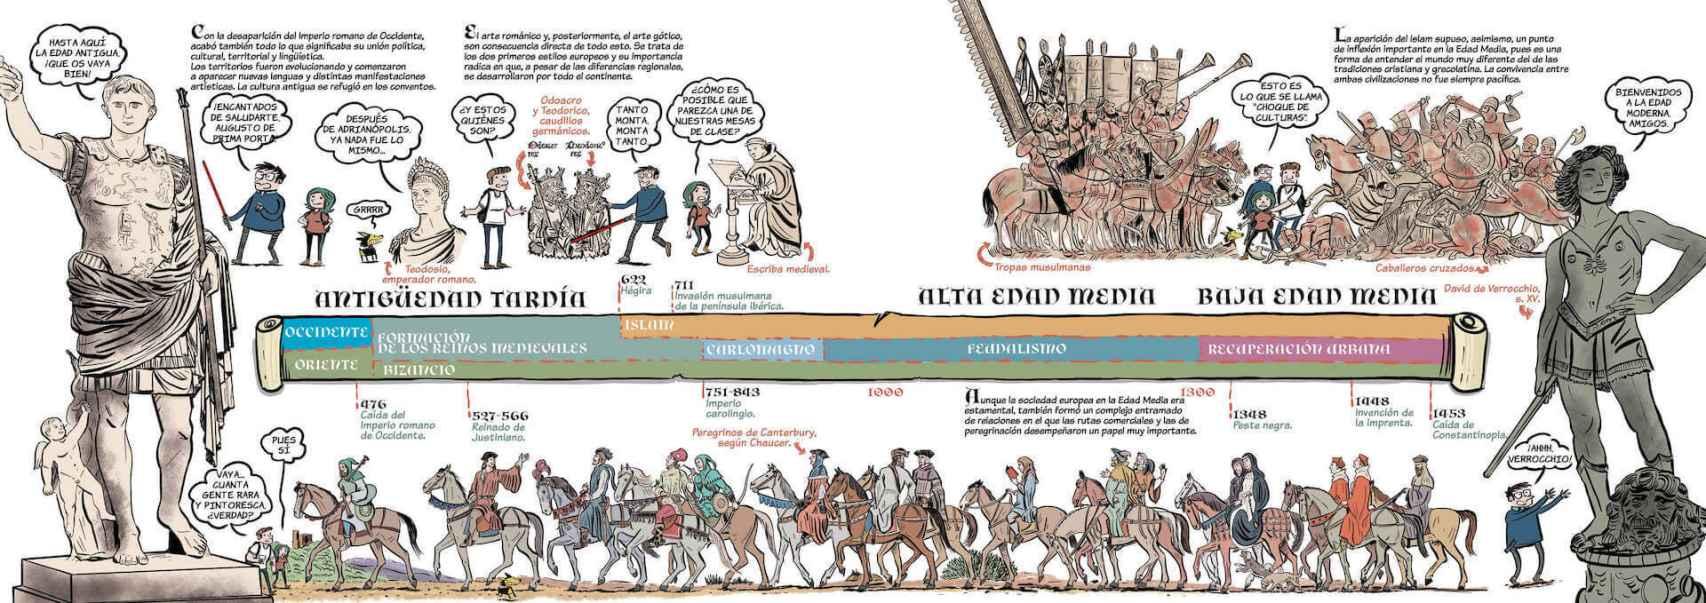 Viñetas del cómic de Cifuentes.